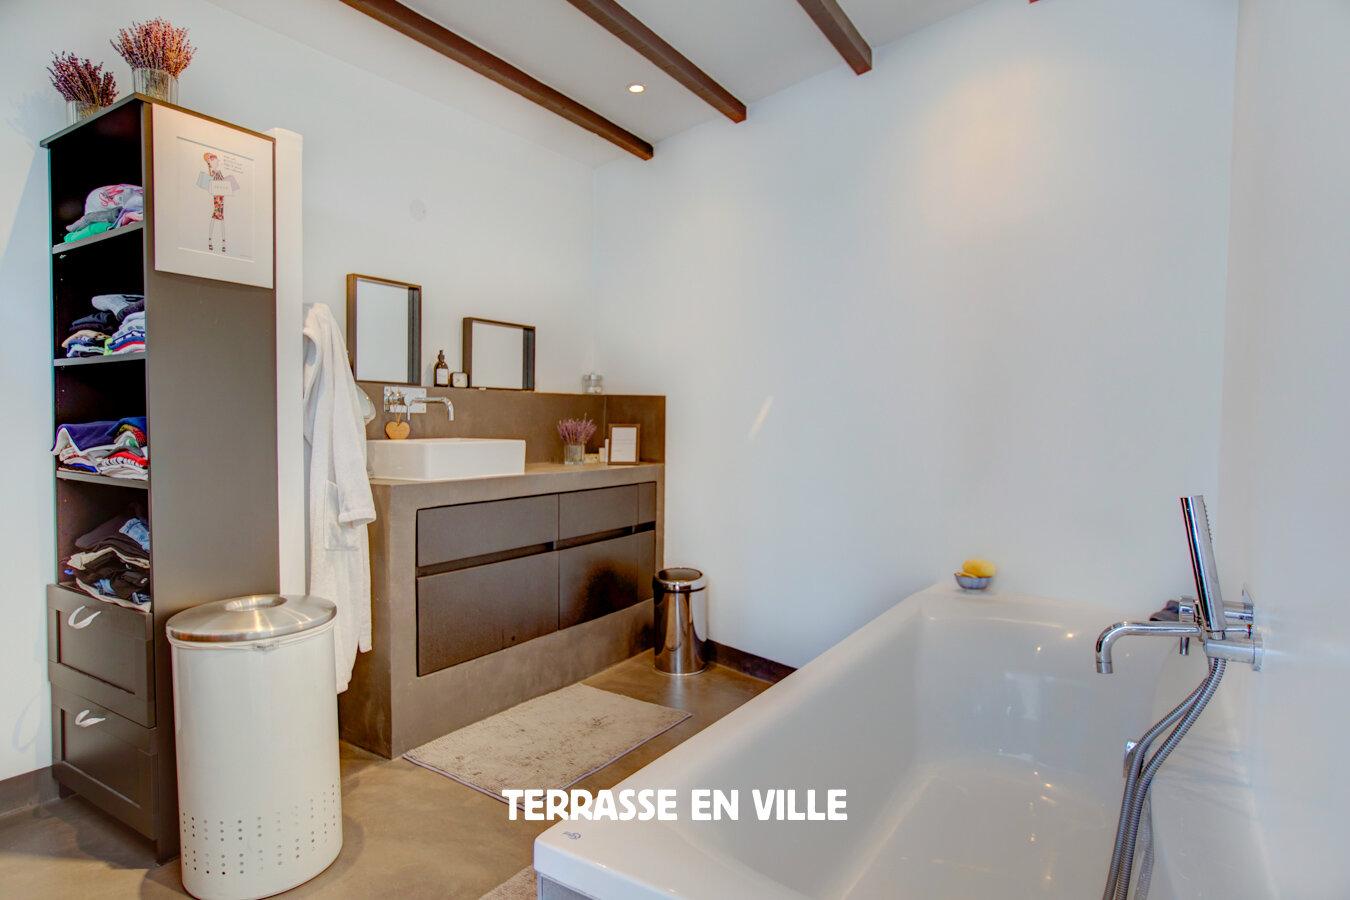 TERRASSE EN VILLE-8.jpg